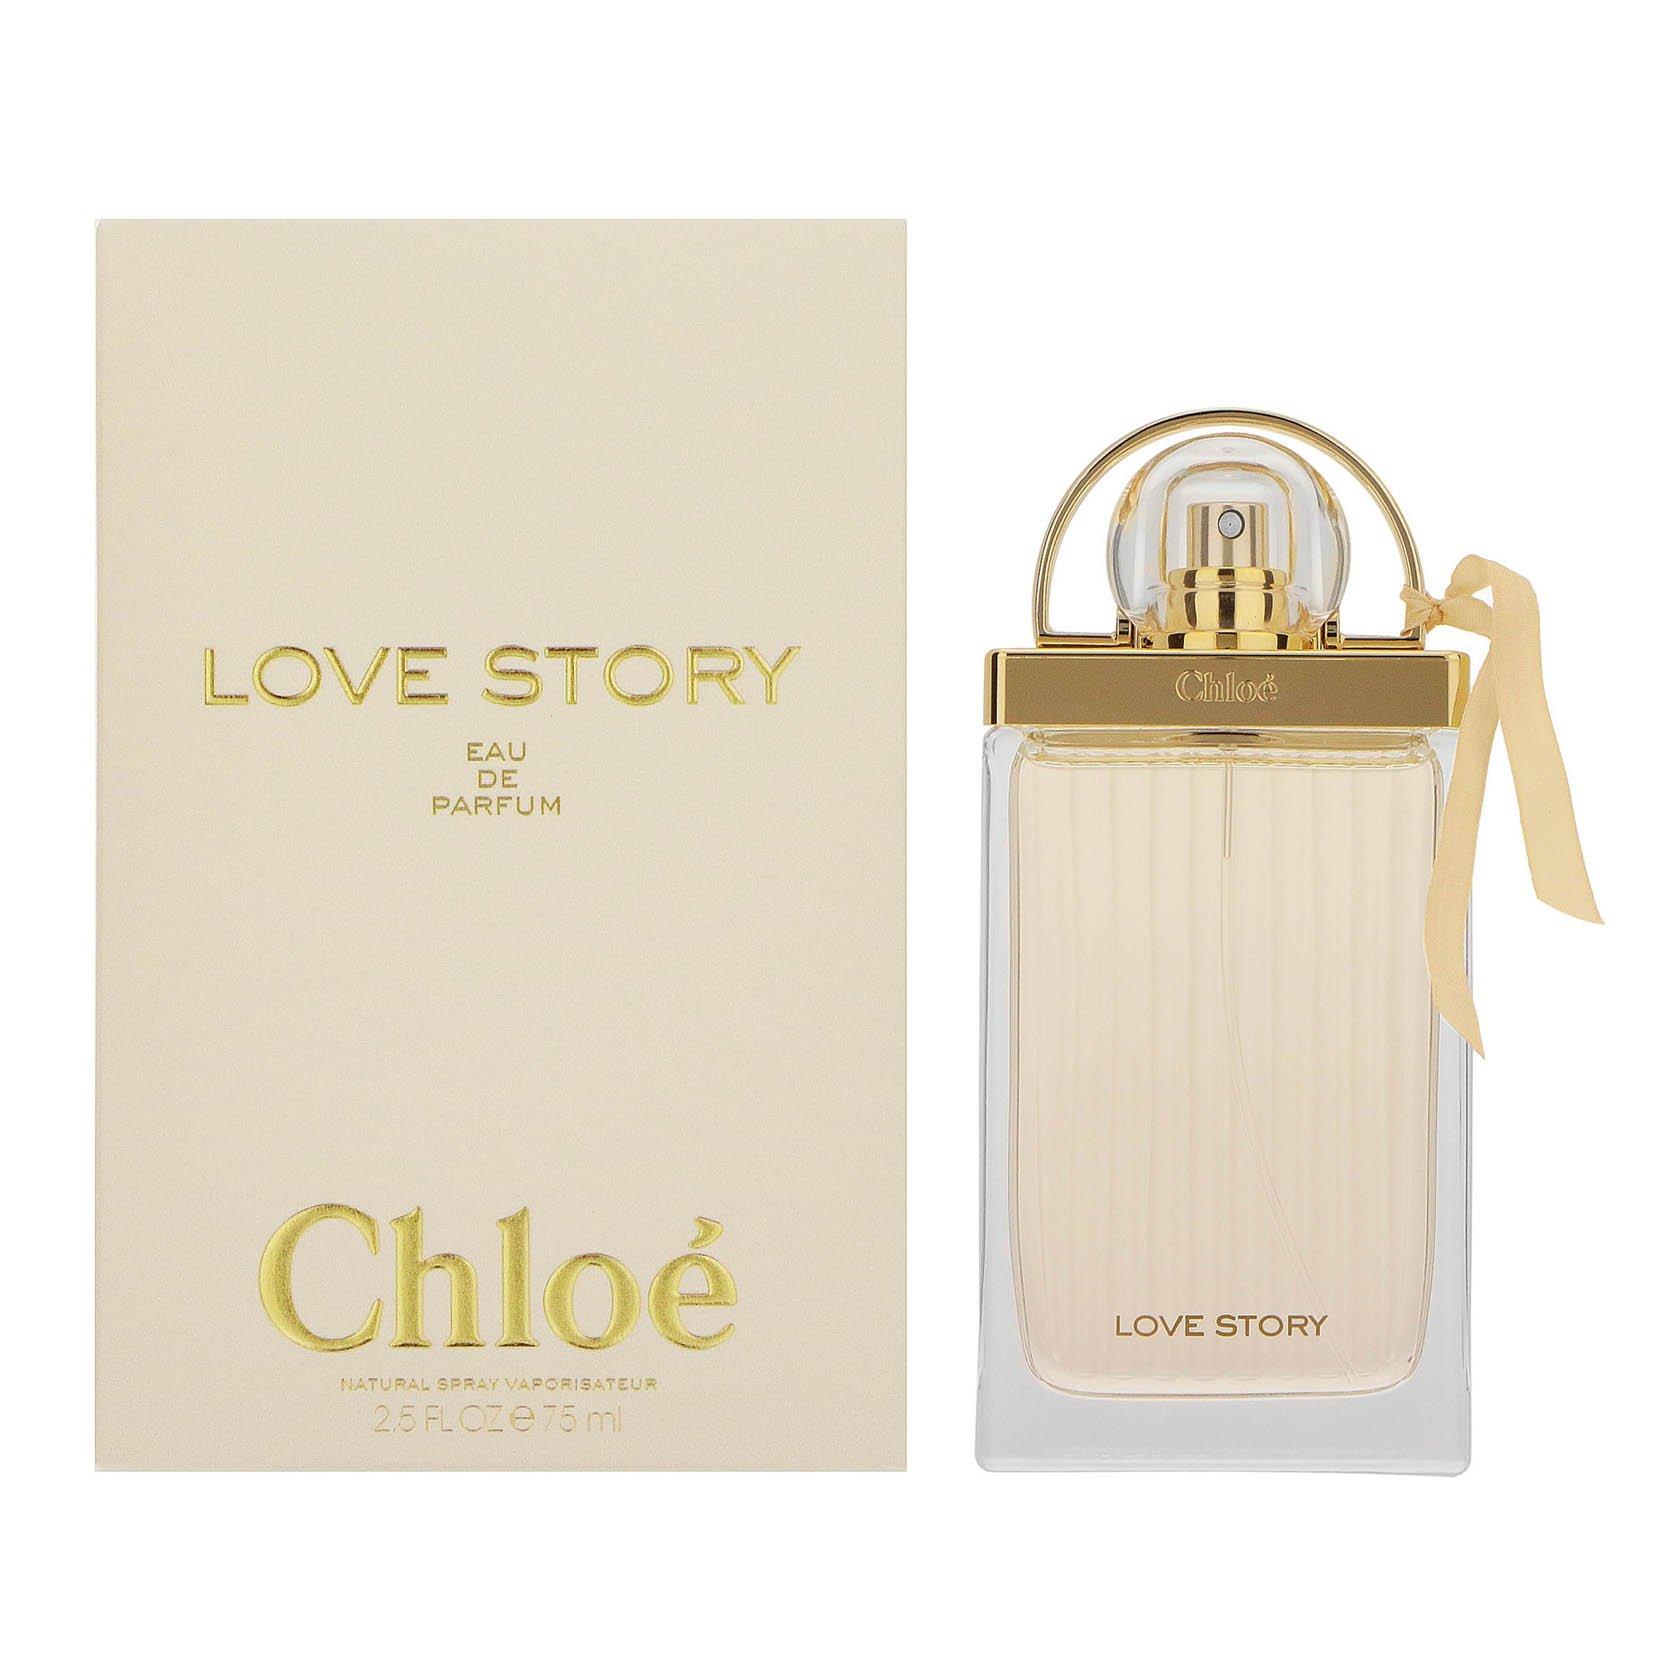 ویکالا · خرید  اصل اورجینال · خرید از آمازون · Chloe Love Story Eau De Parfums 75, 2.5 Fluid Ounce wekala · ویکالا